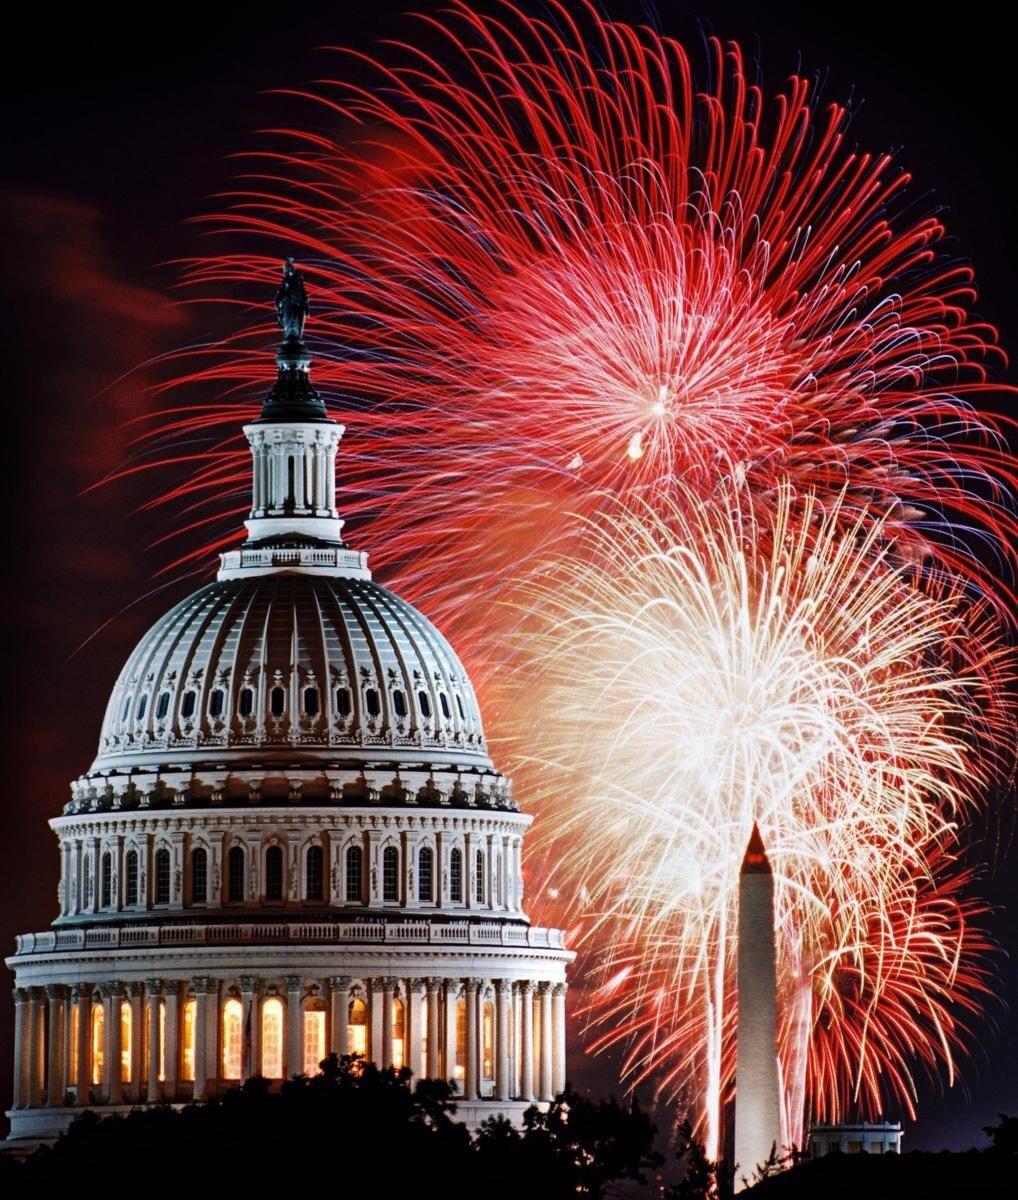 День независимости сша: история и традиции, интересные факты, «президентский мор» 4 июля